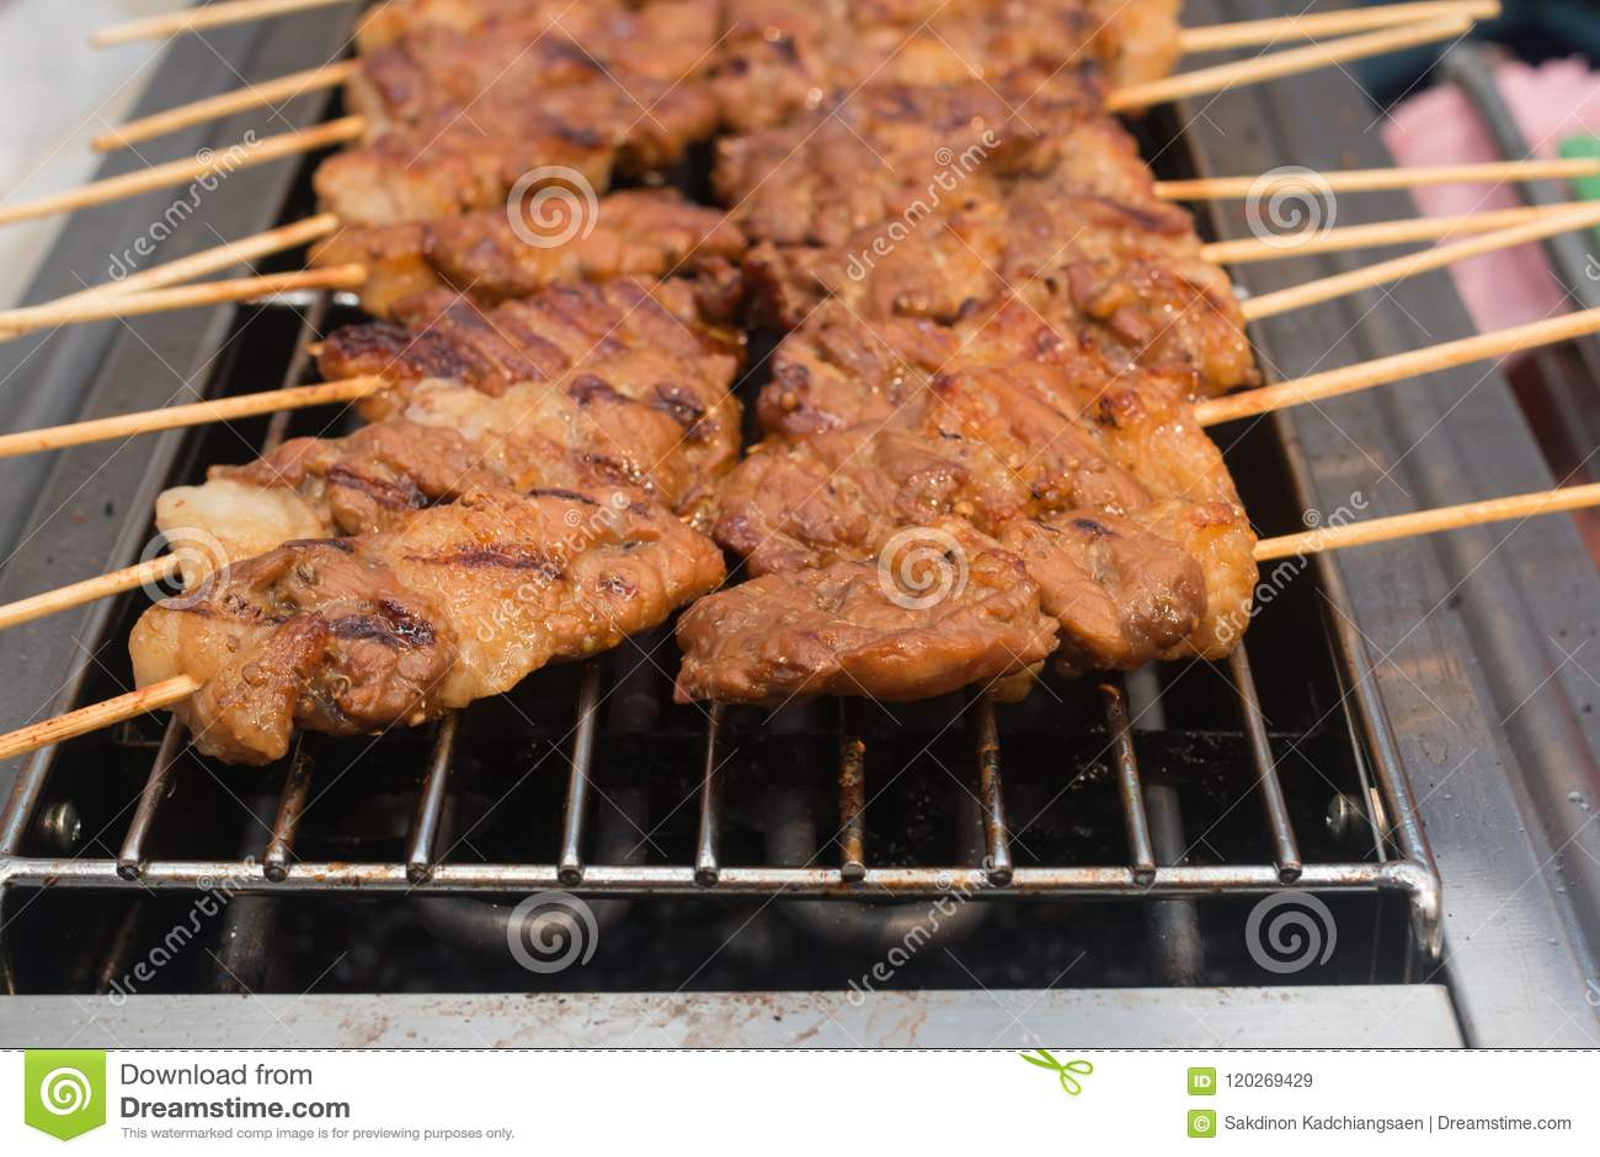 Gebratenes Schweinefleisch auf Gitter-Grill